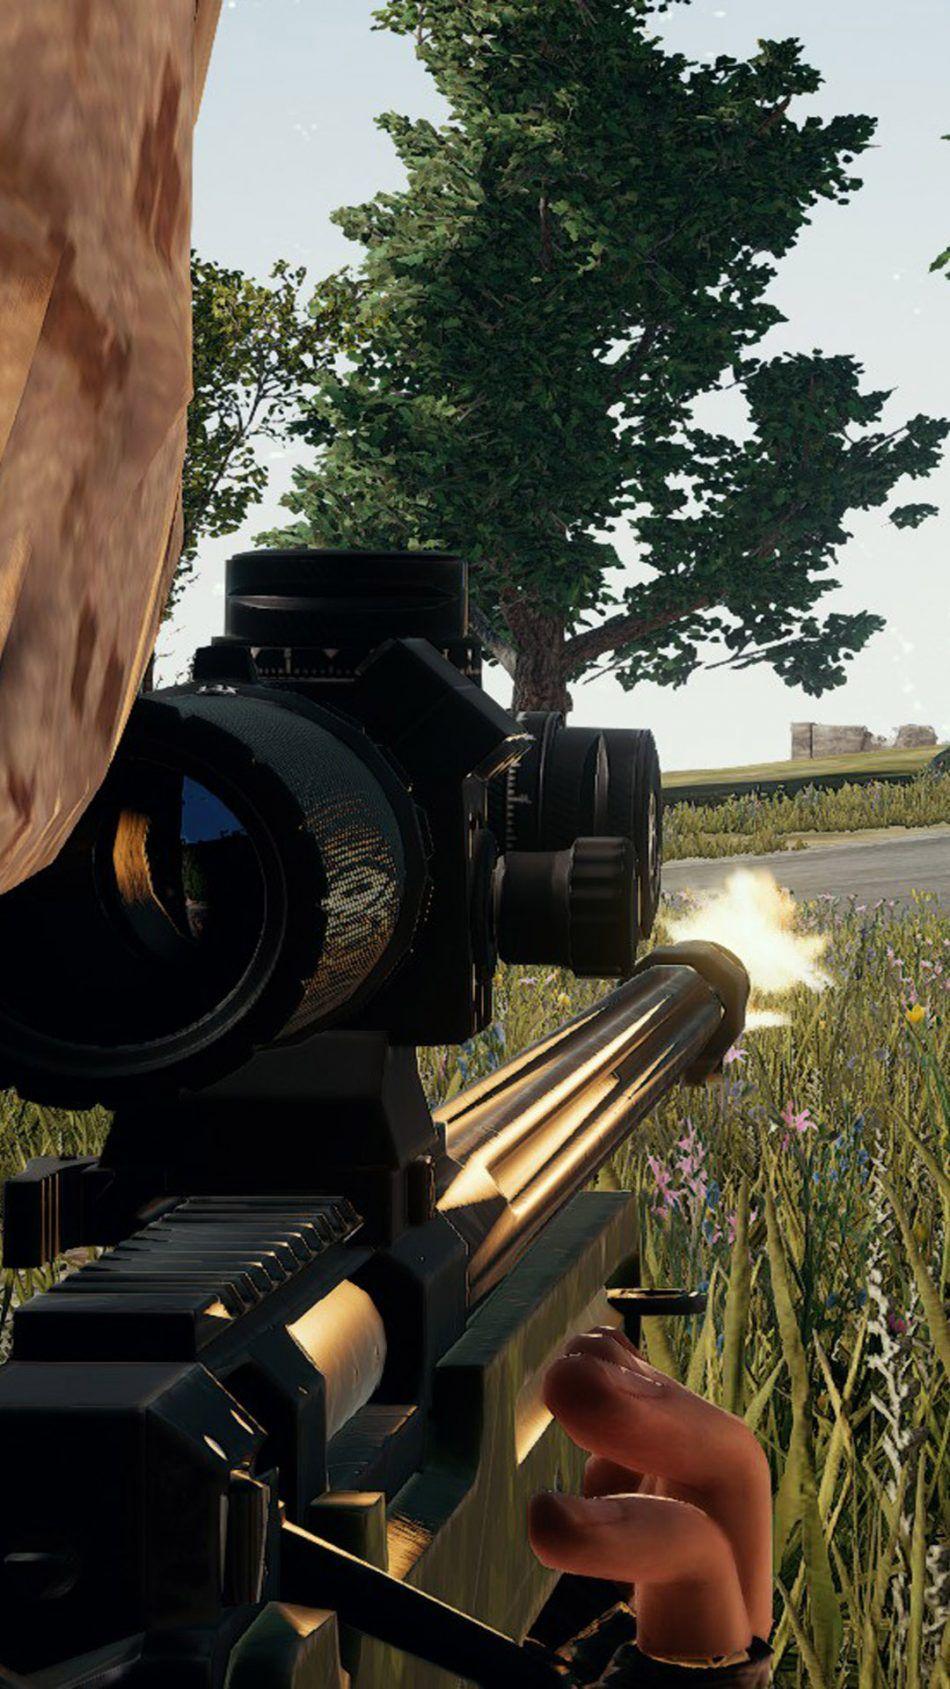 Sniper PlayerUnknown's Battlegrounds (PUBG) 4K Ultra HD Mobile Wallpaper